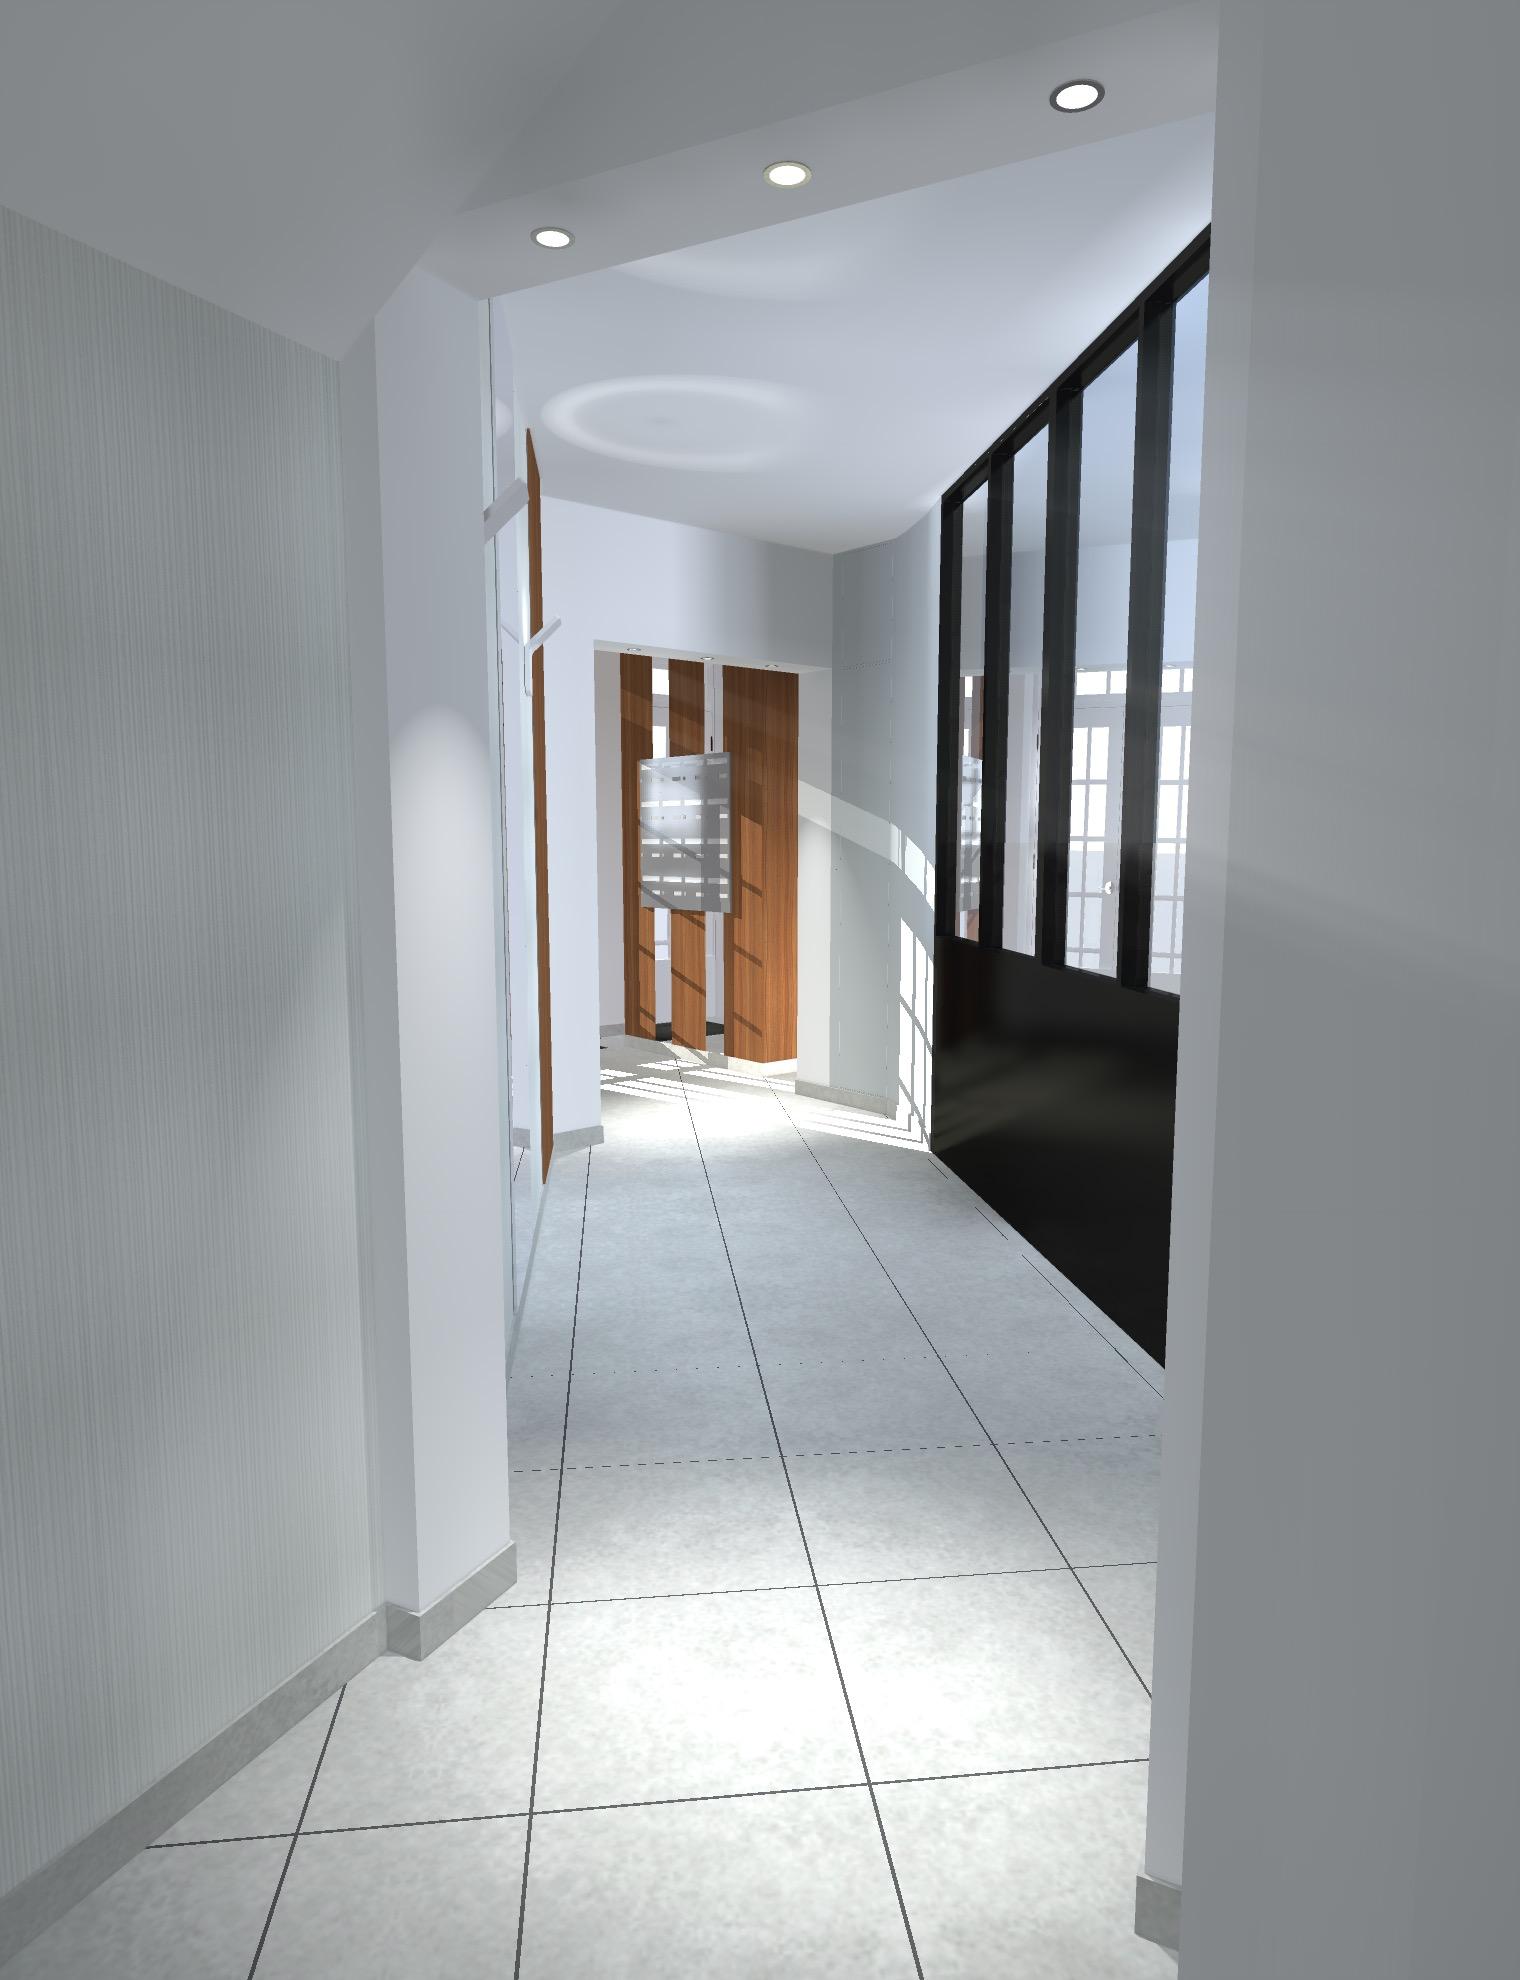 Projet hall entr e d 39 immeuble de l 39 int rieur for Comme dans un miroir